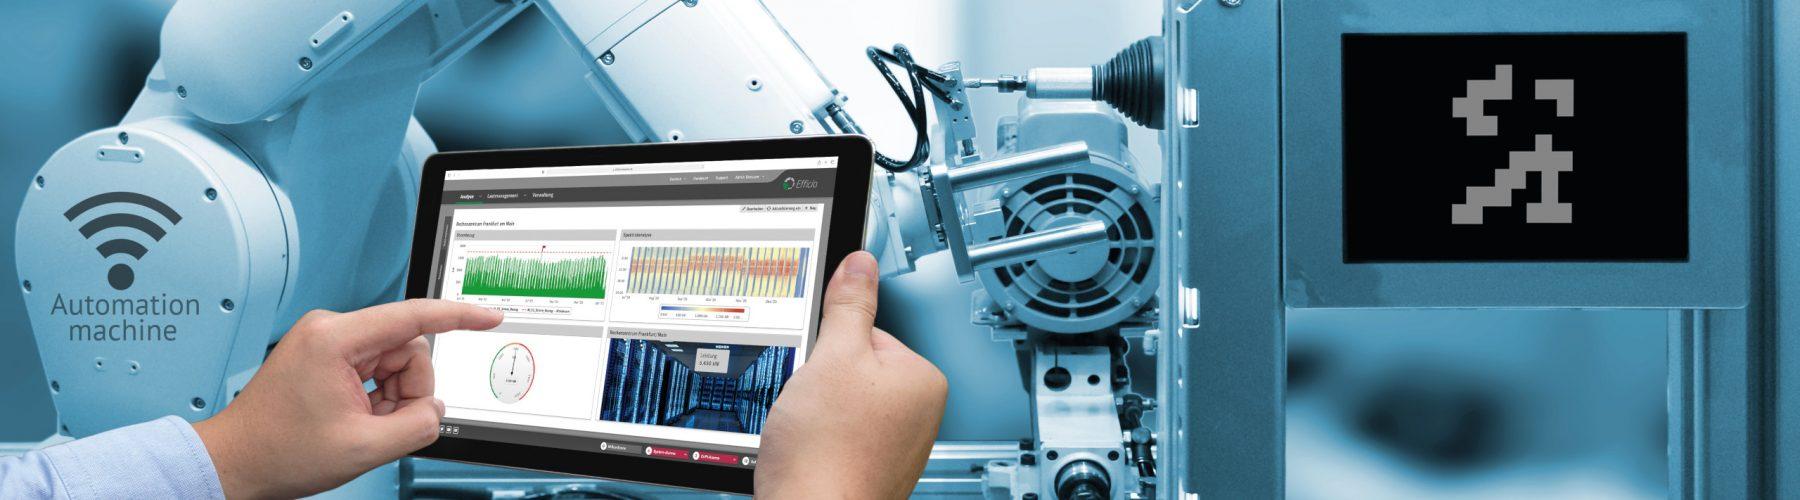 energiemanagementsoftware-zeigt-energiefluesse-in-fertigung-automation-slider